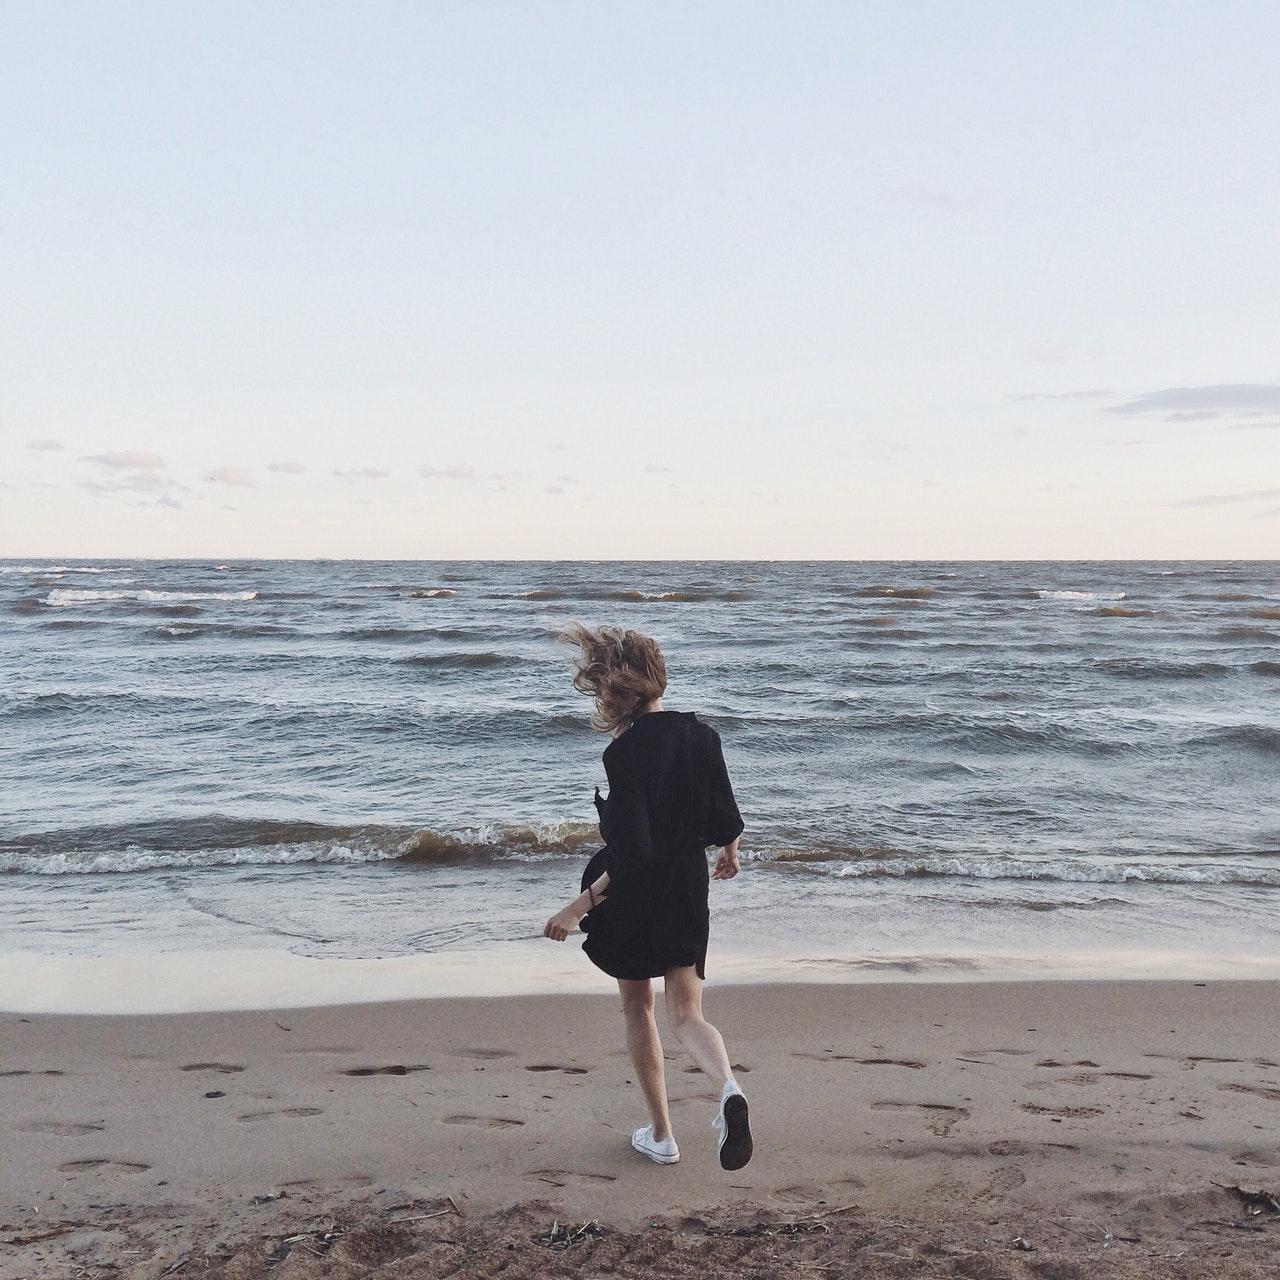 beach-enjoyment-girl-698848